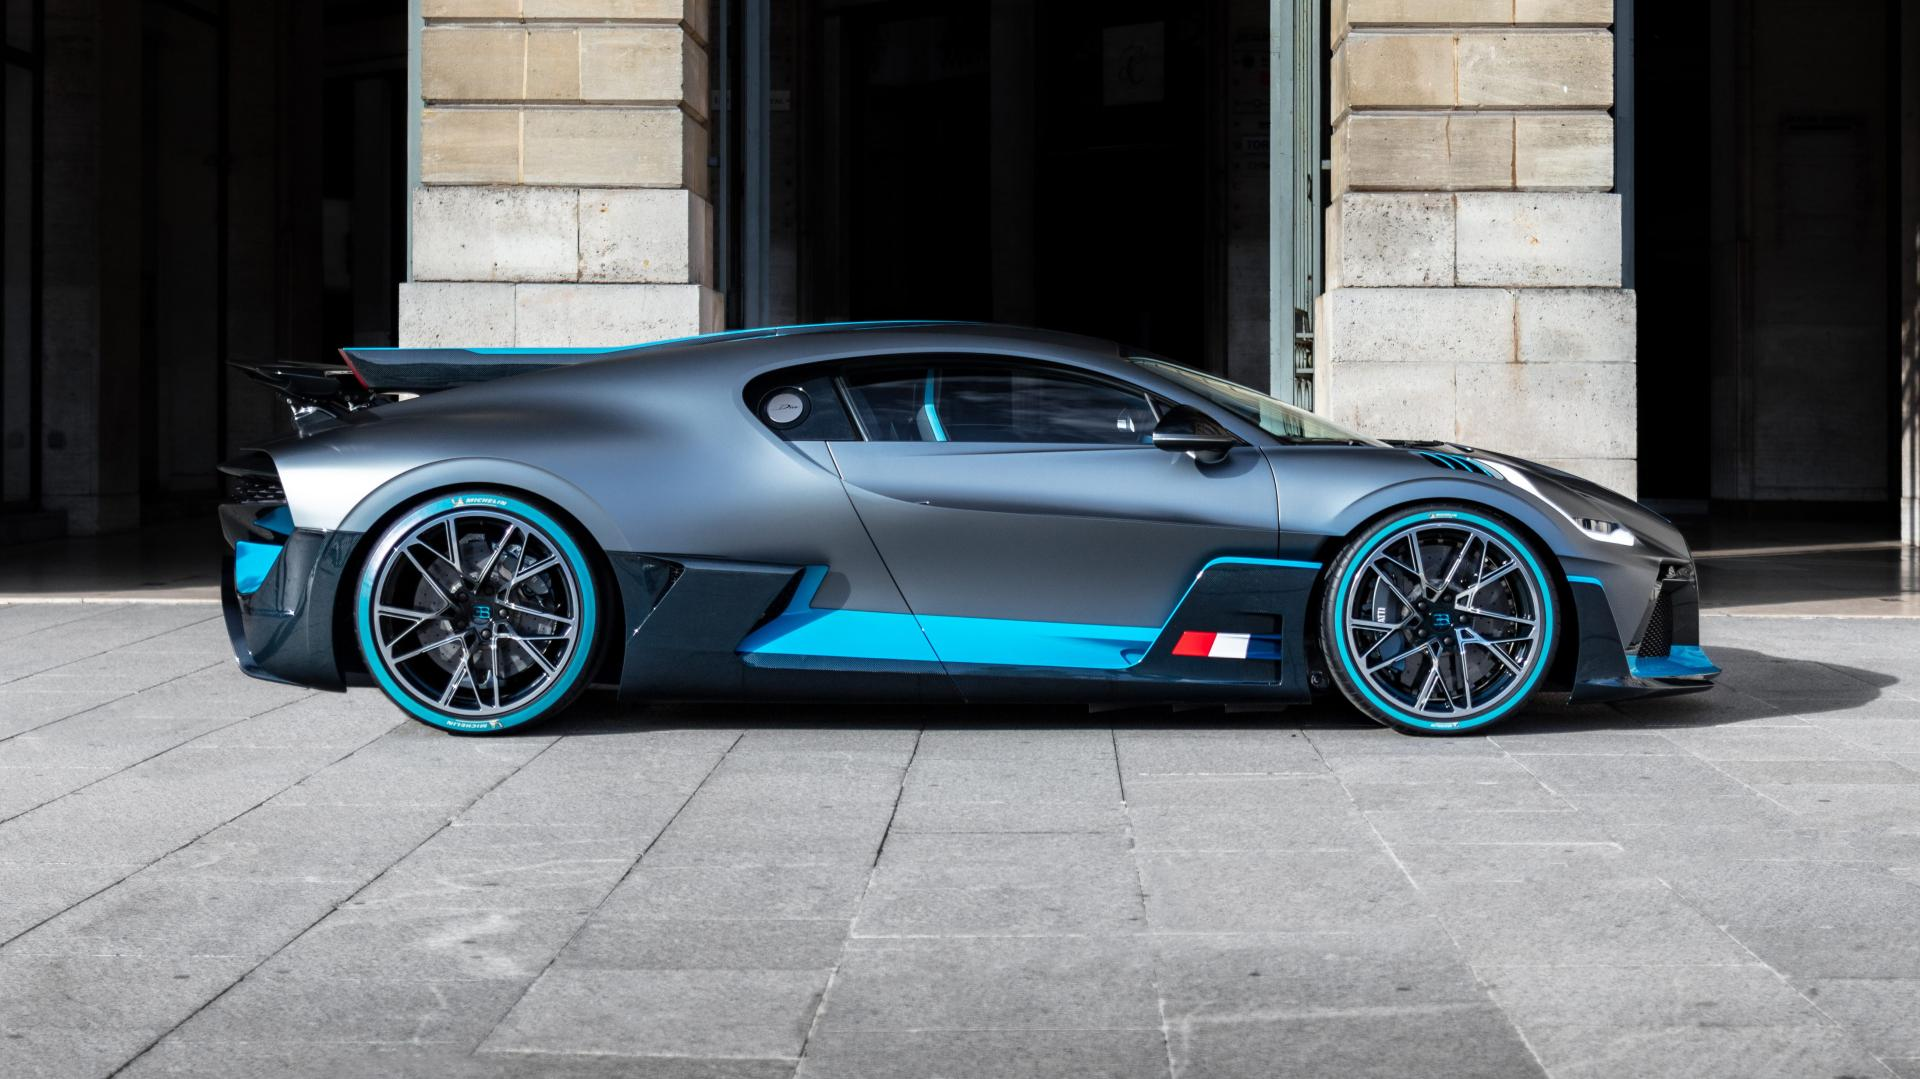 Bugatti Divo in Parijs, Frankrijk